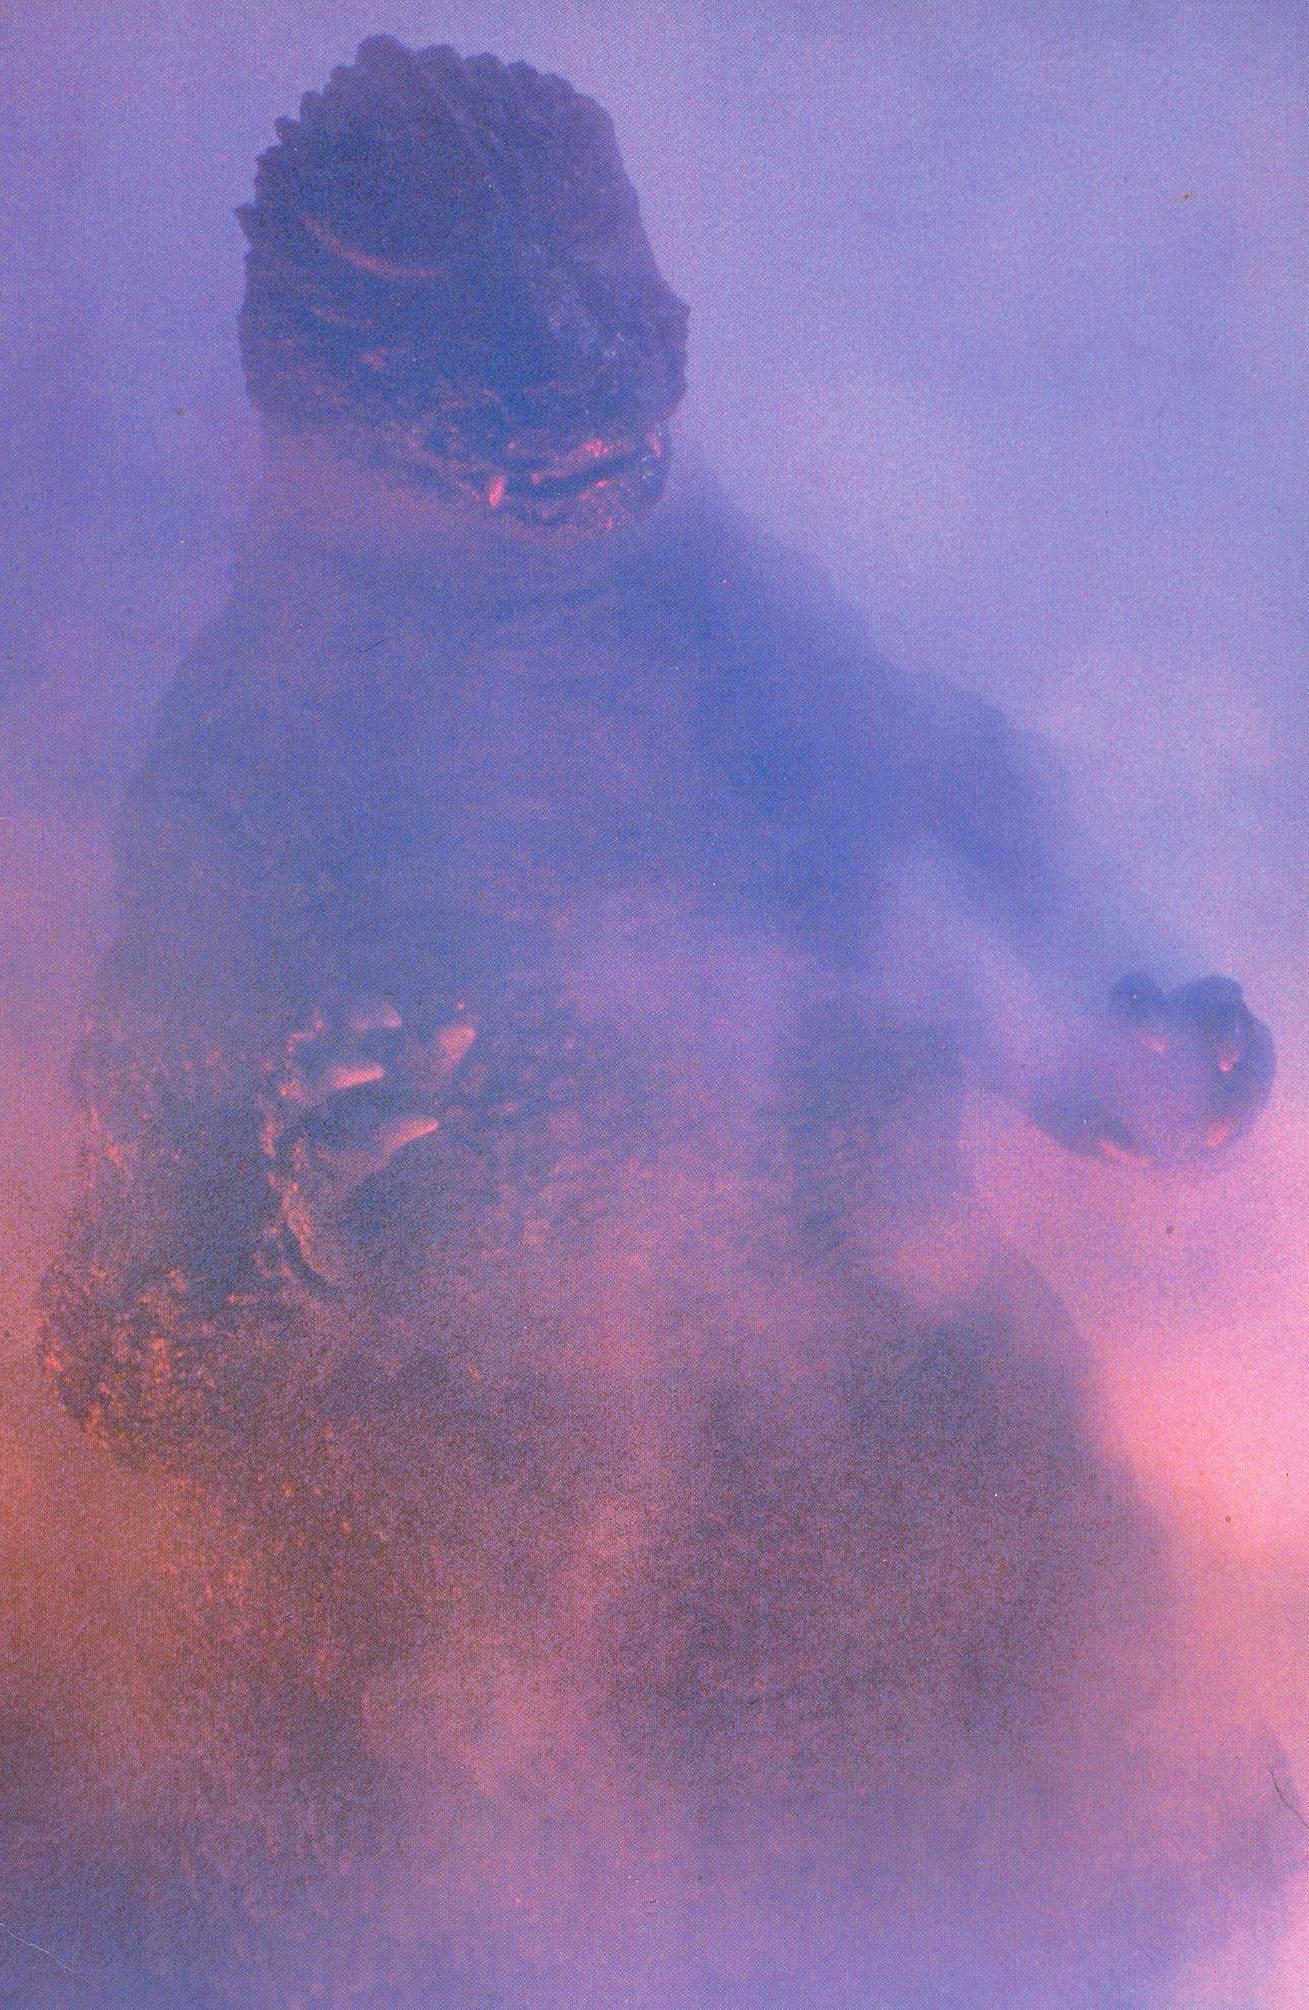 Godzilla '84 Still 21, Front by geekspace on DeviantArt